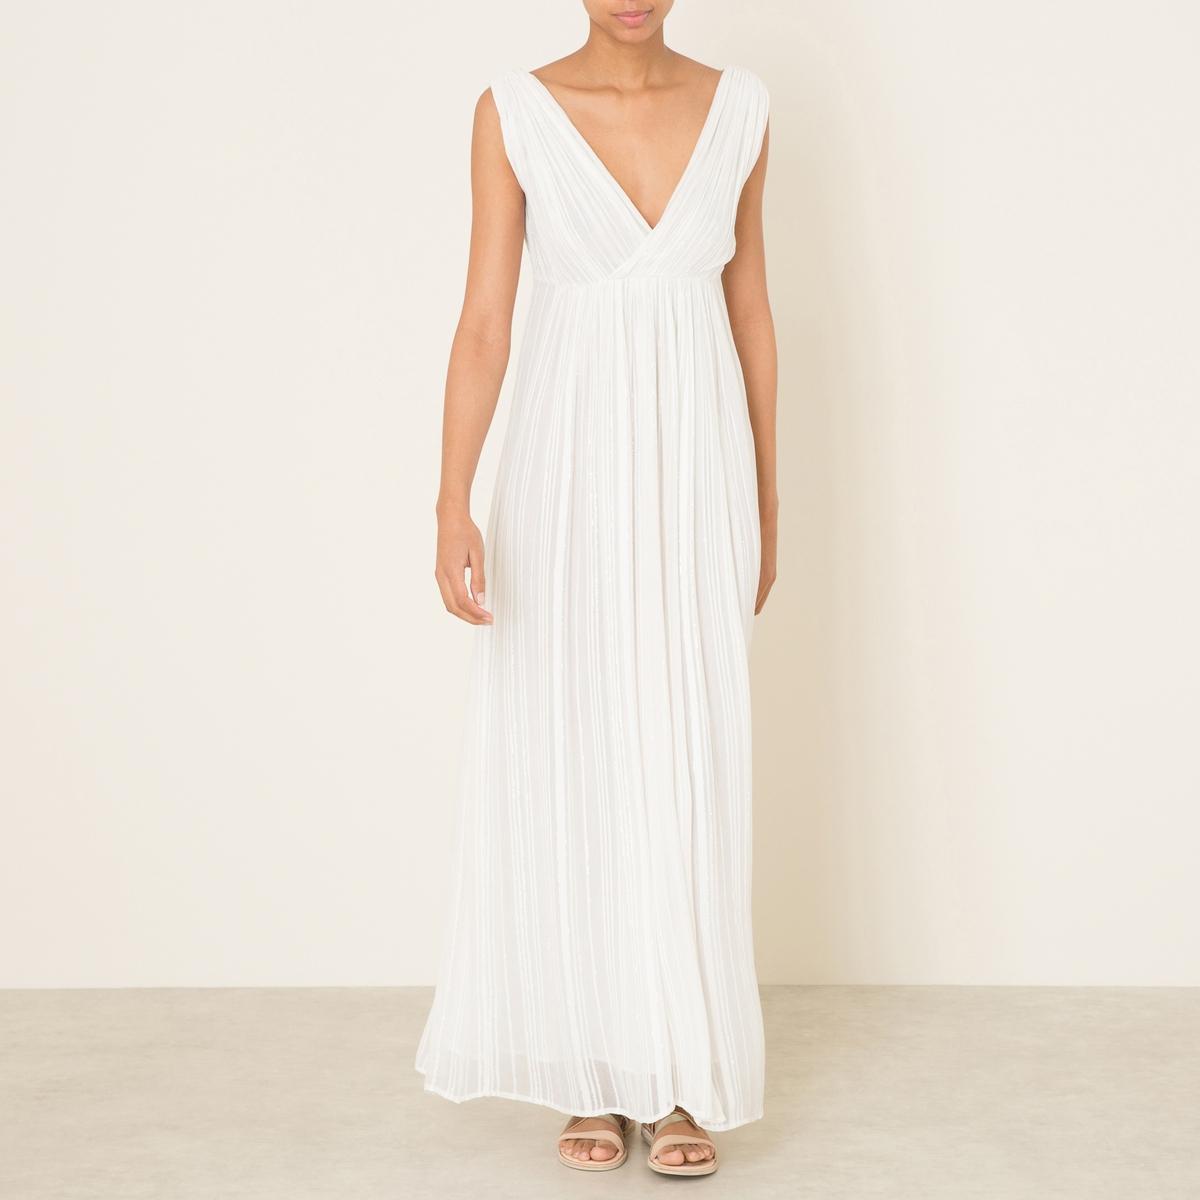 Платье длинное EVITA платье короткое спереди длинное сзади летнее